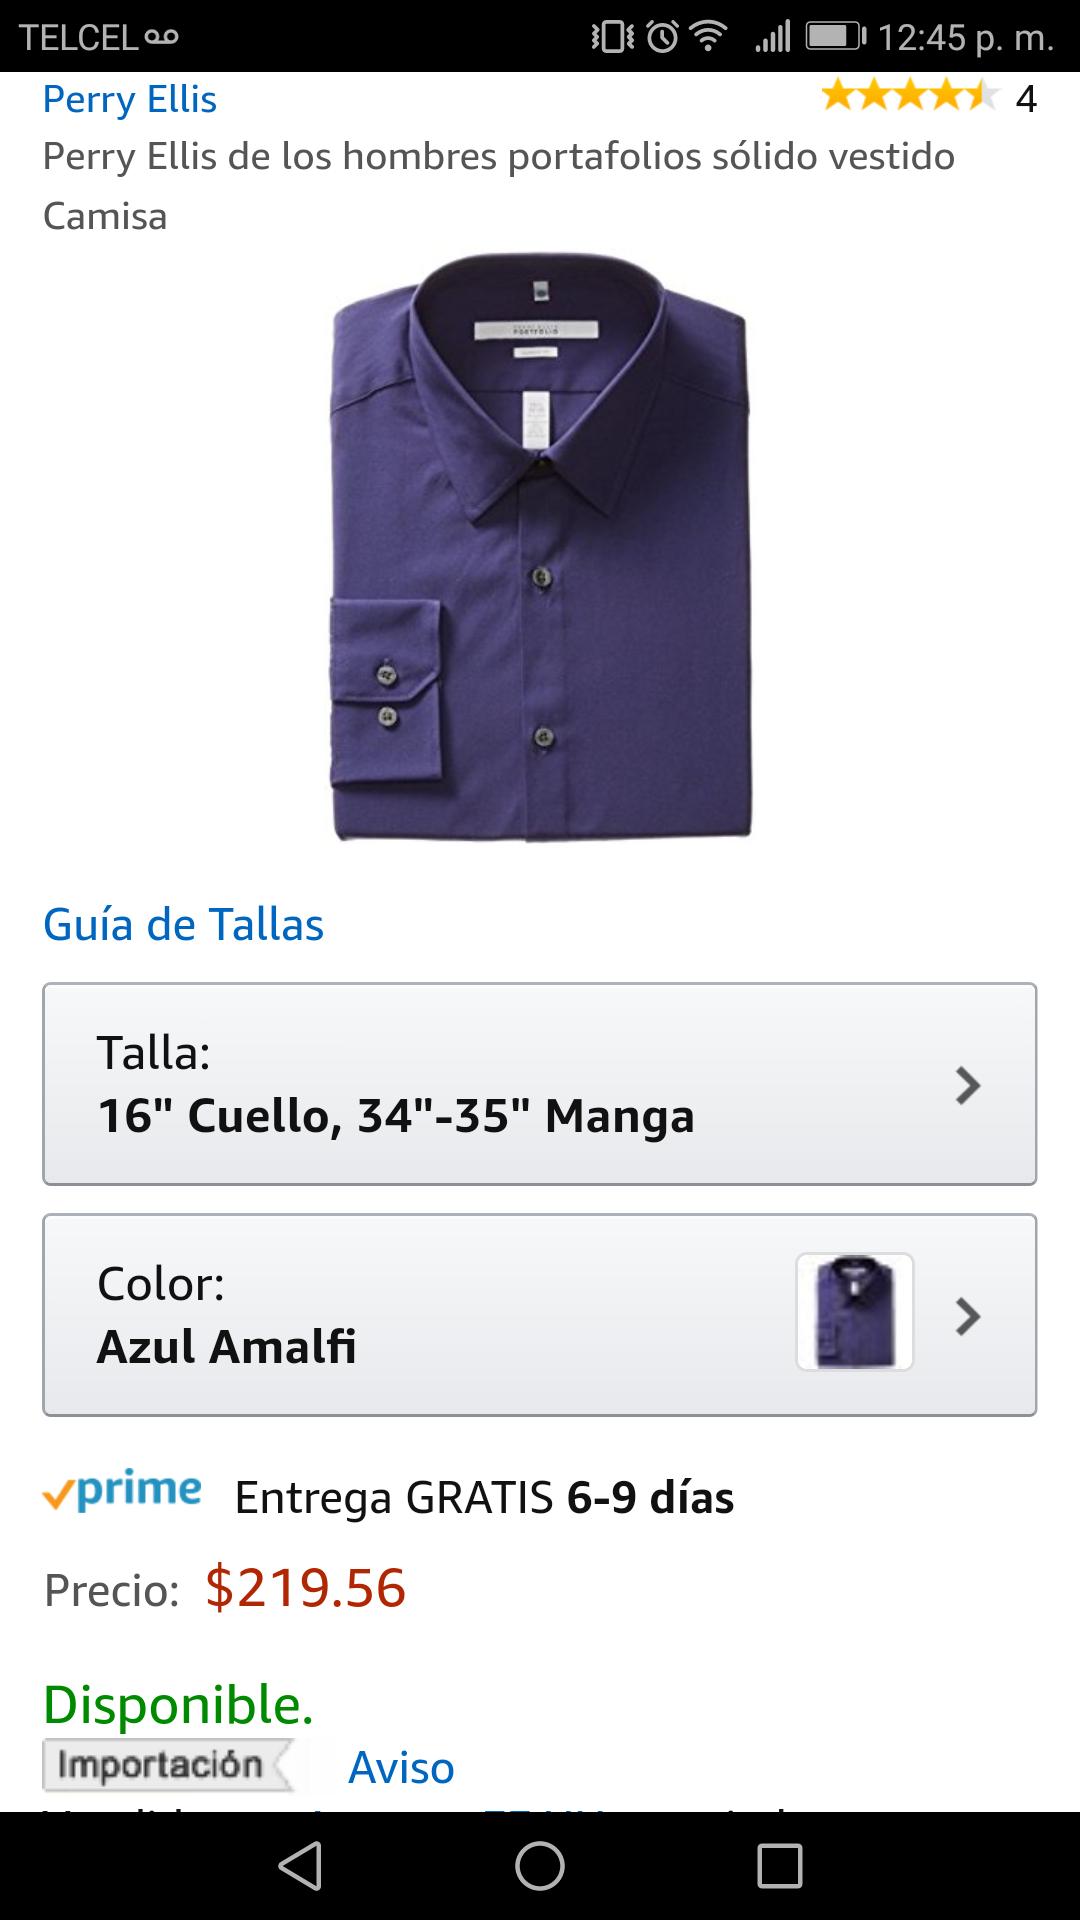 Amazon: Camisa Perry Elis talla 16 de cuello y 34-35 manga $219 aplica prime